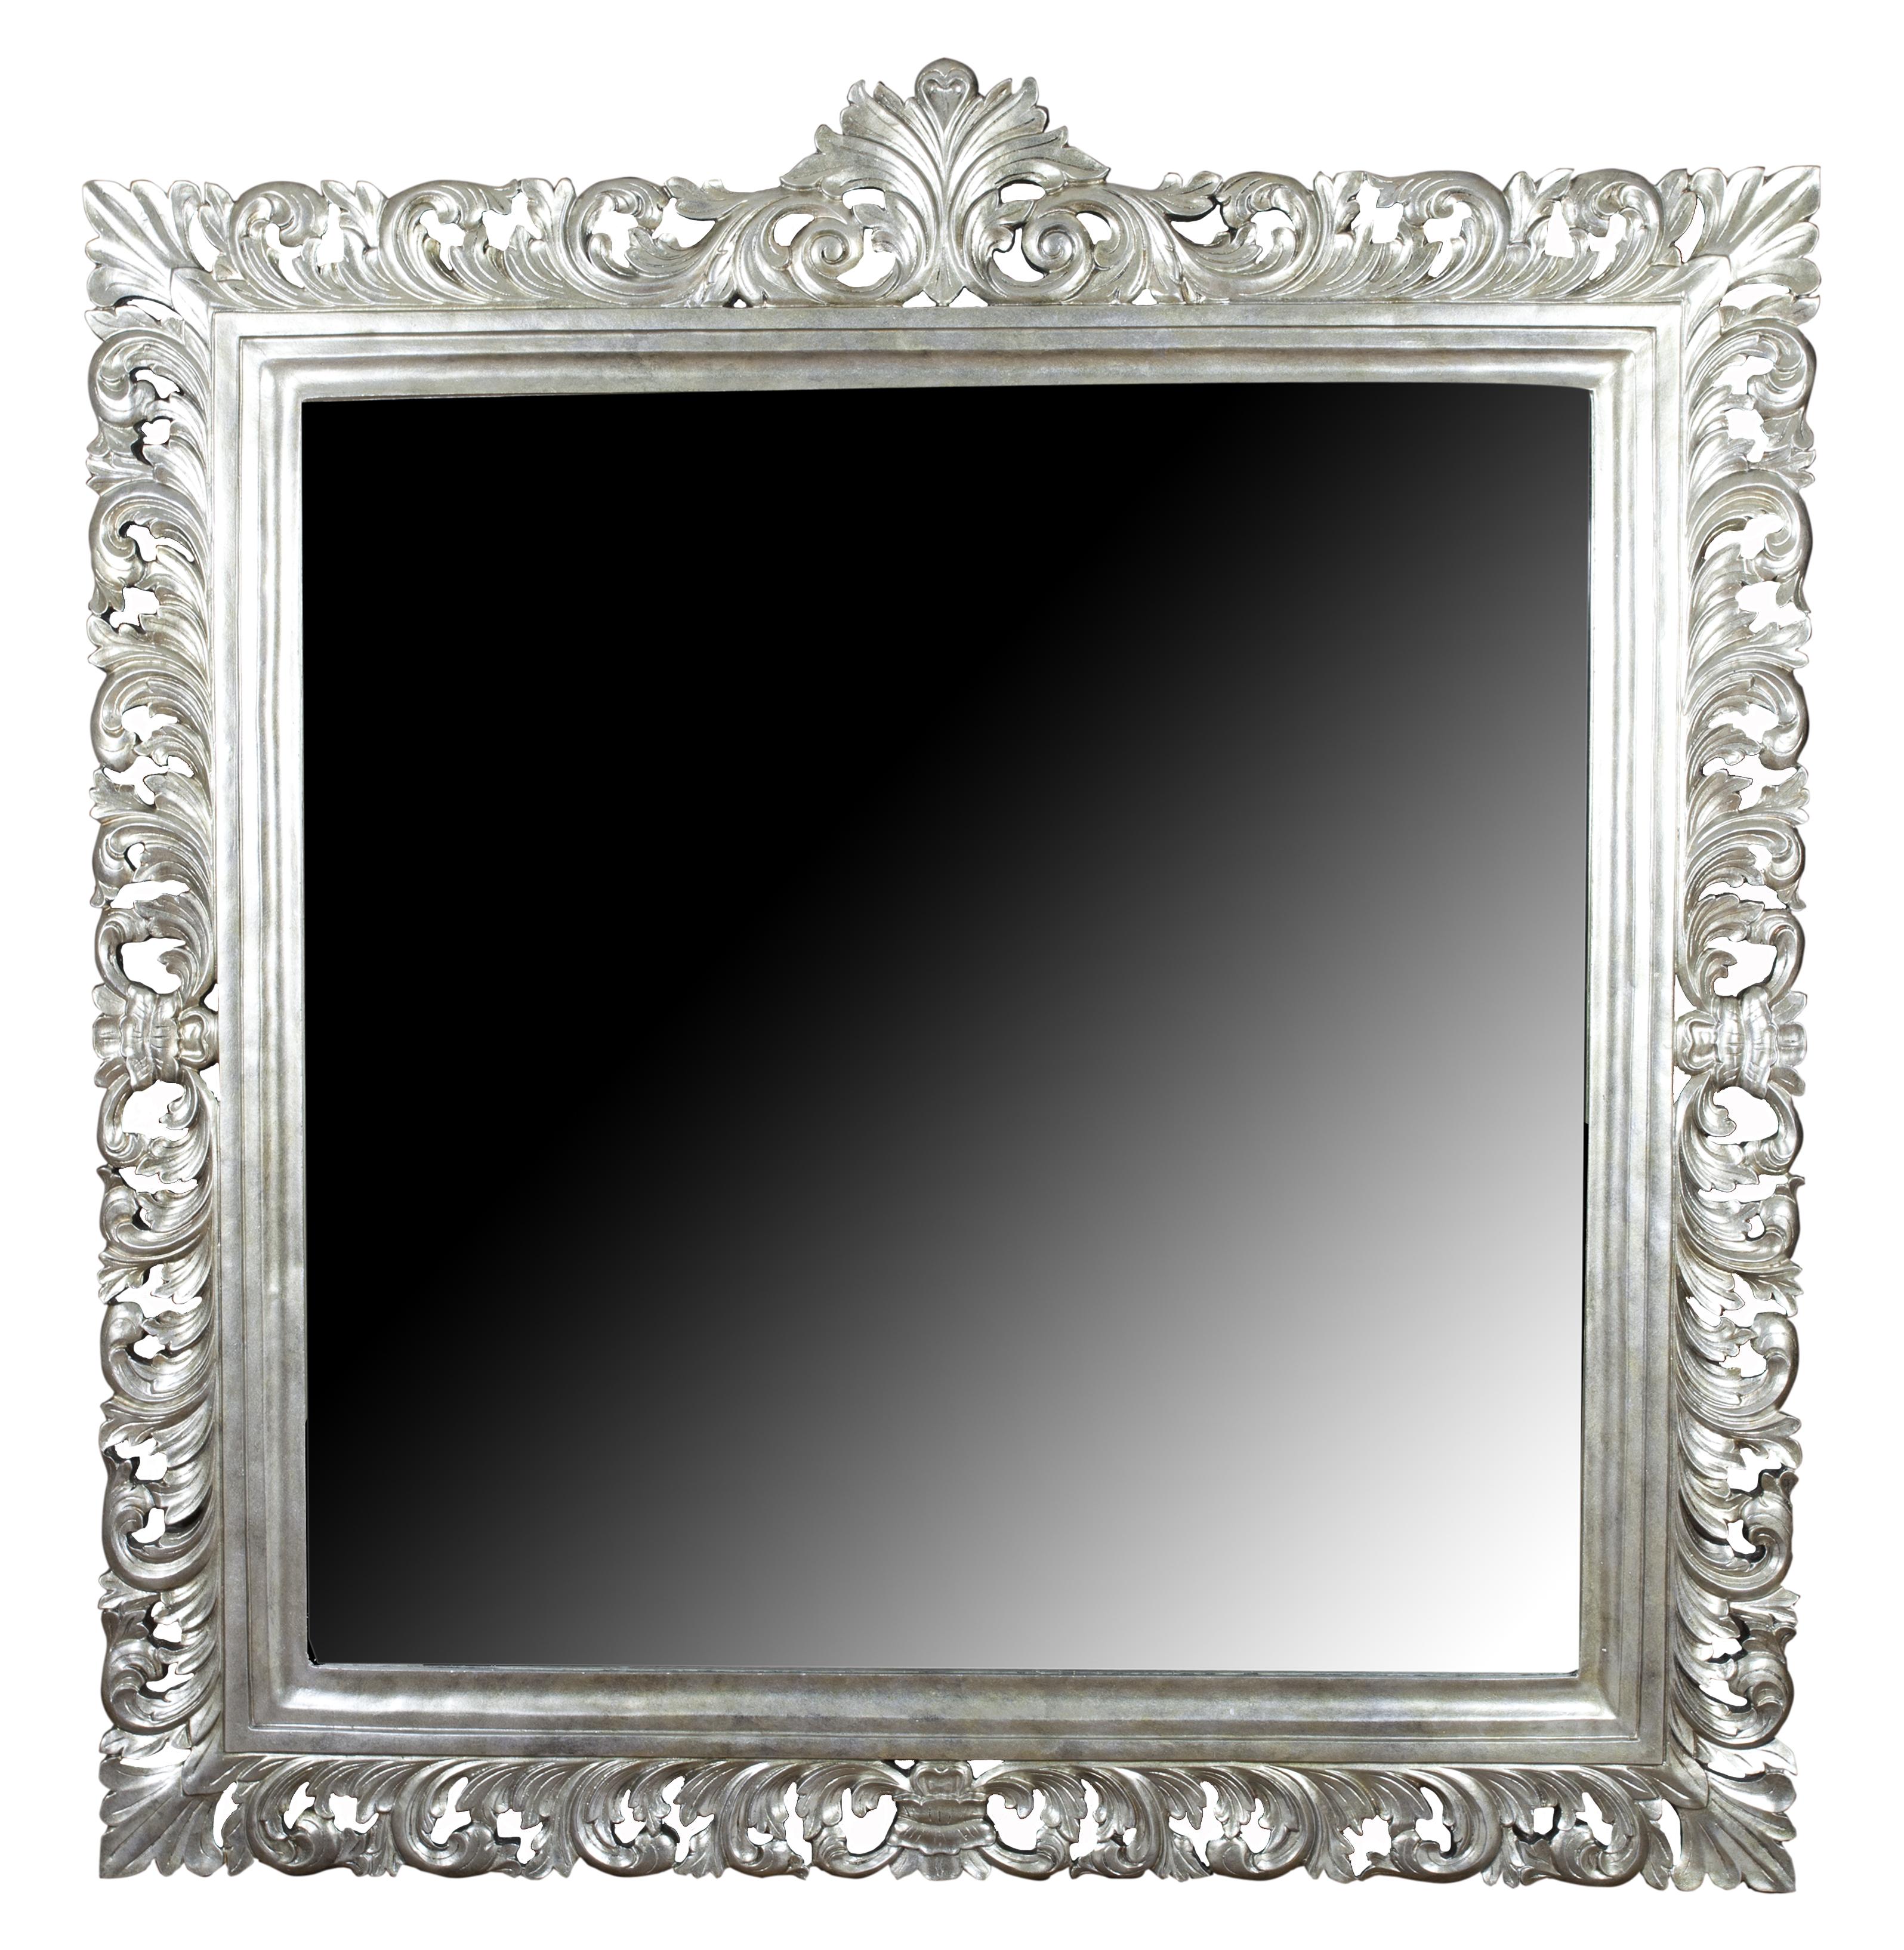 Spiegel vierkant zilver antique 120 x 120 rofra home meubelen en interieur accessoires - Spiegel x ...